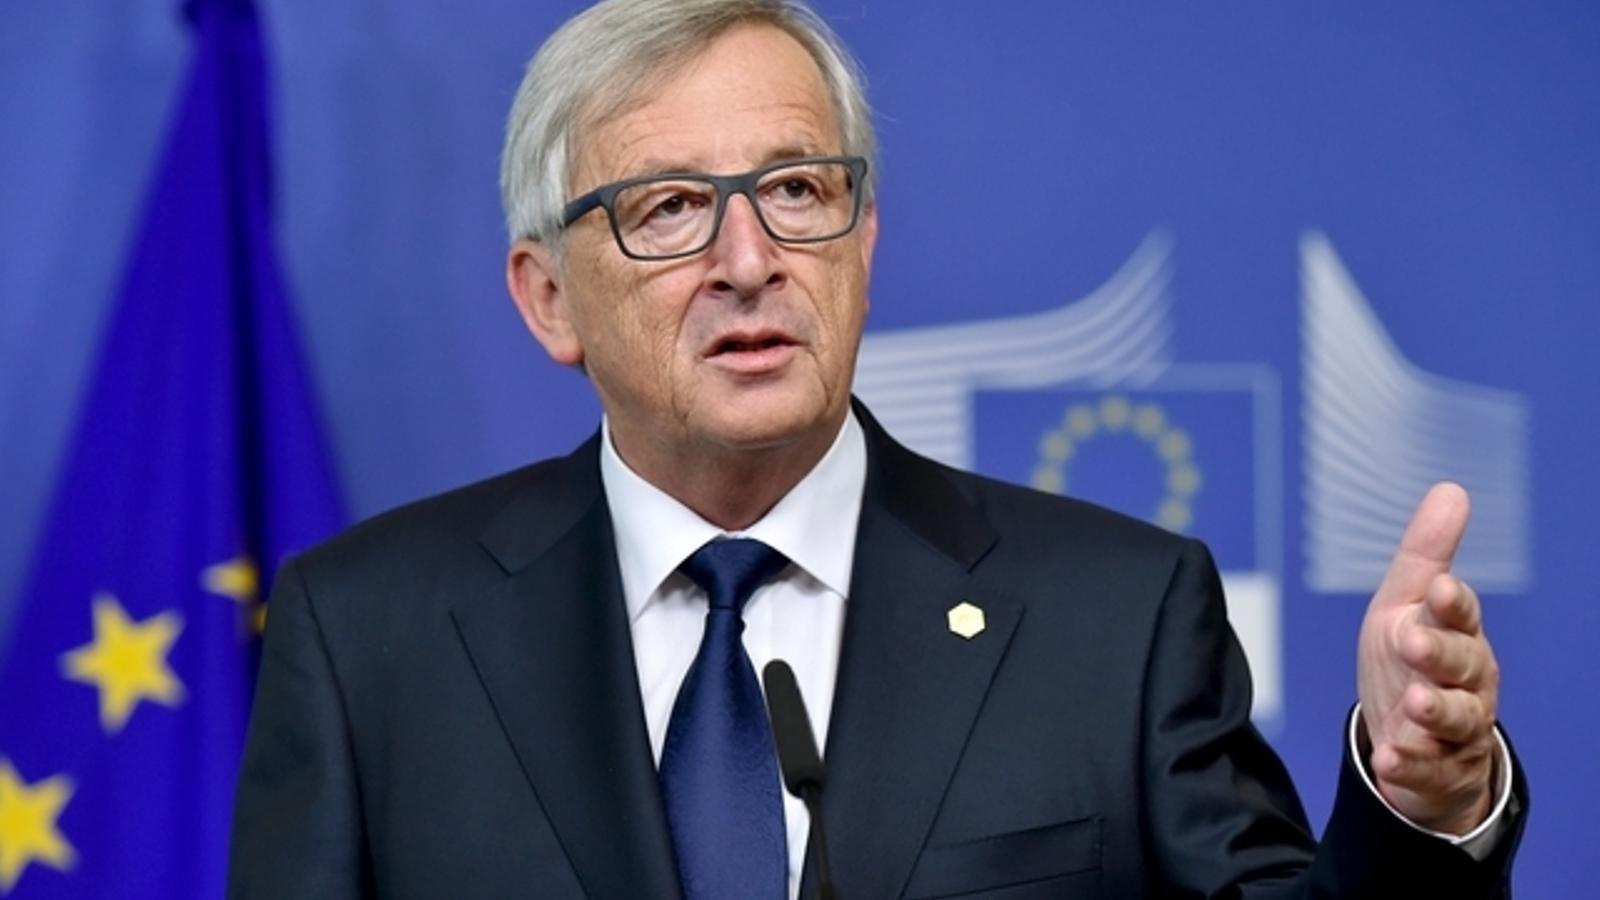 El president de la Comissió Europea, Jean-Claude Juncker, en una imatge d'arxiu.